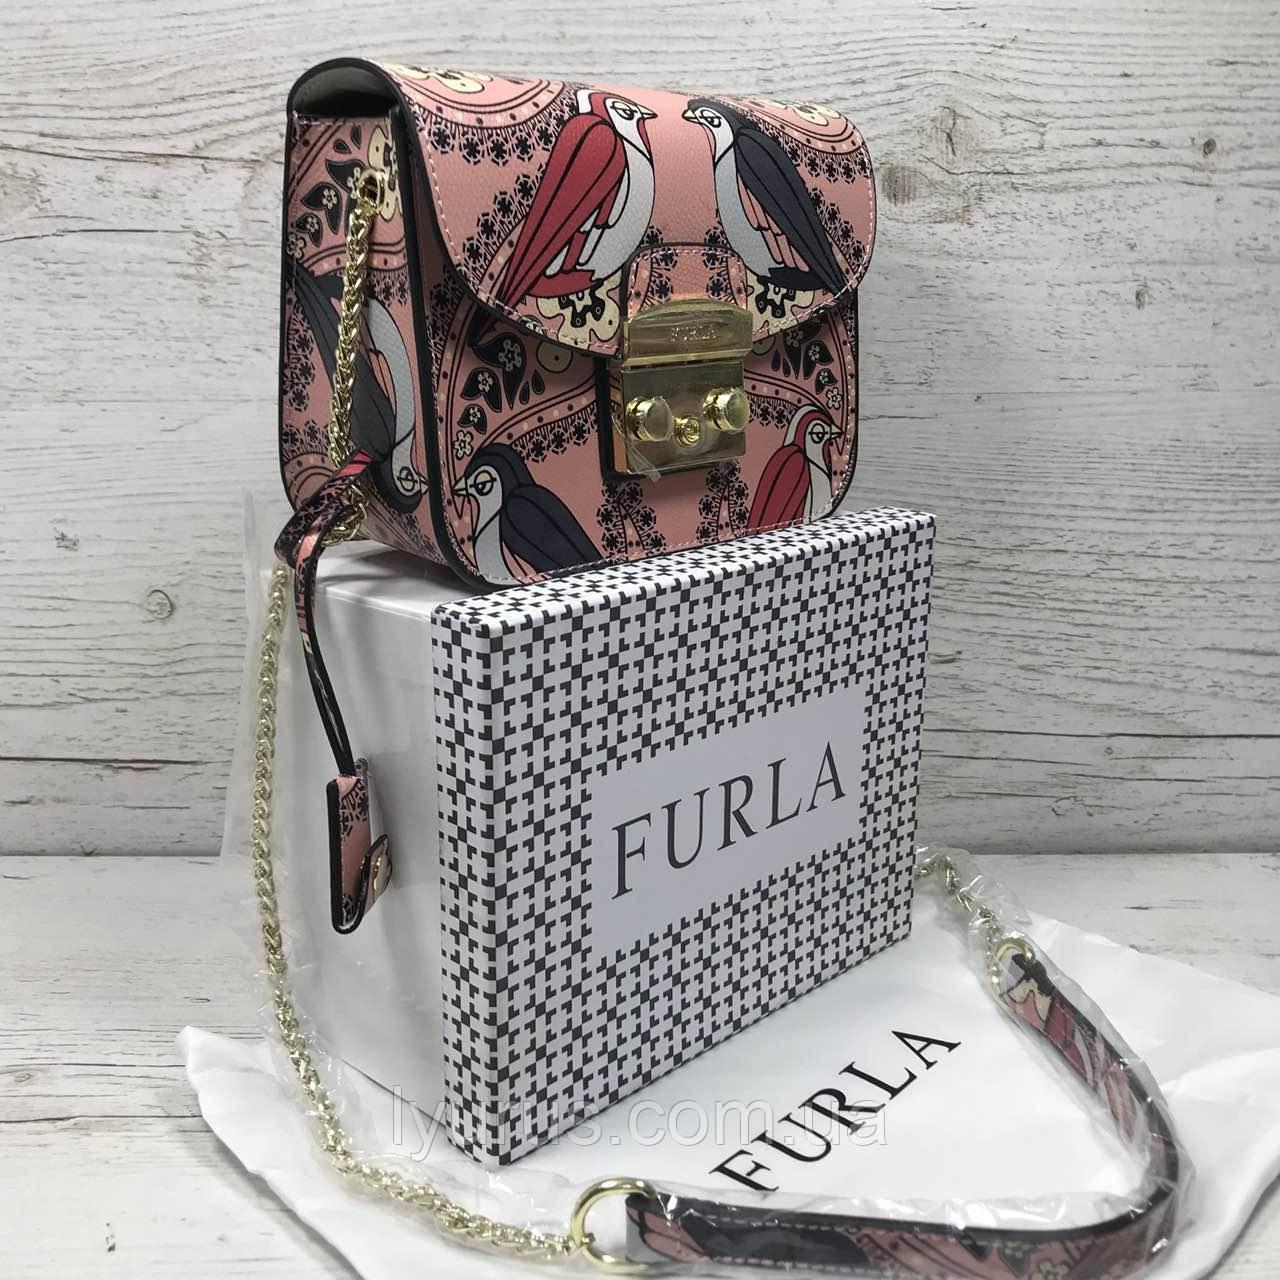 0ddb1db57e39 Кожаная сумка клатч Furla metropolis разноцветье, цена 1 750 грн., купить в  Полтаве — Prom.ua (ID#818003588)